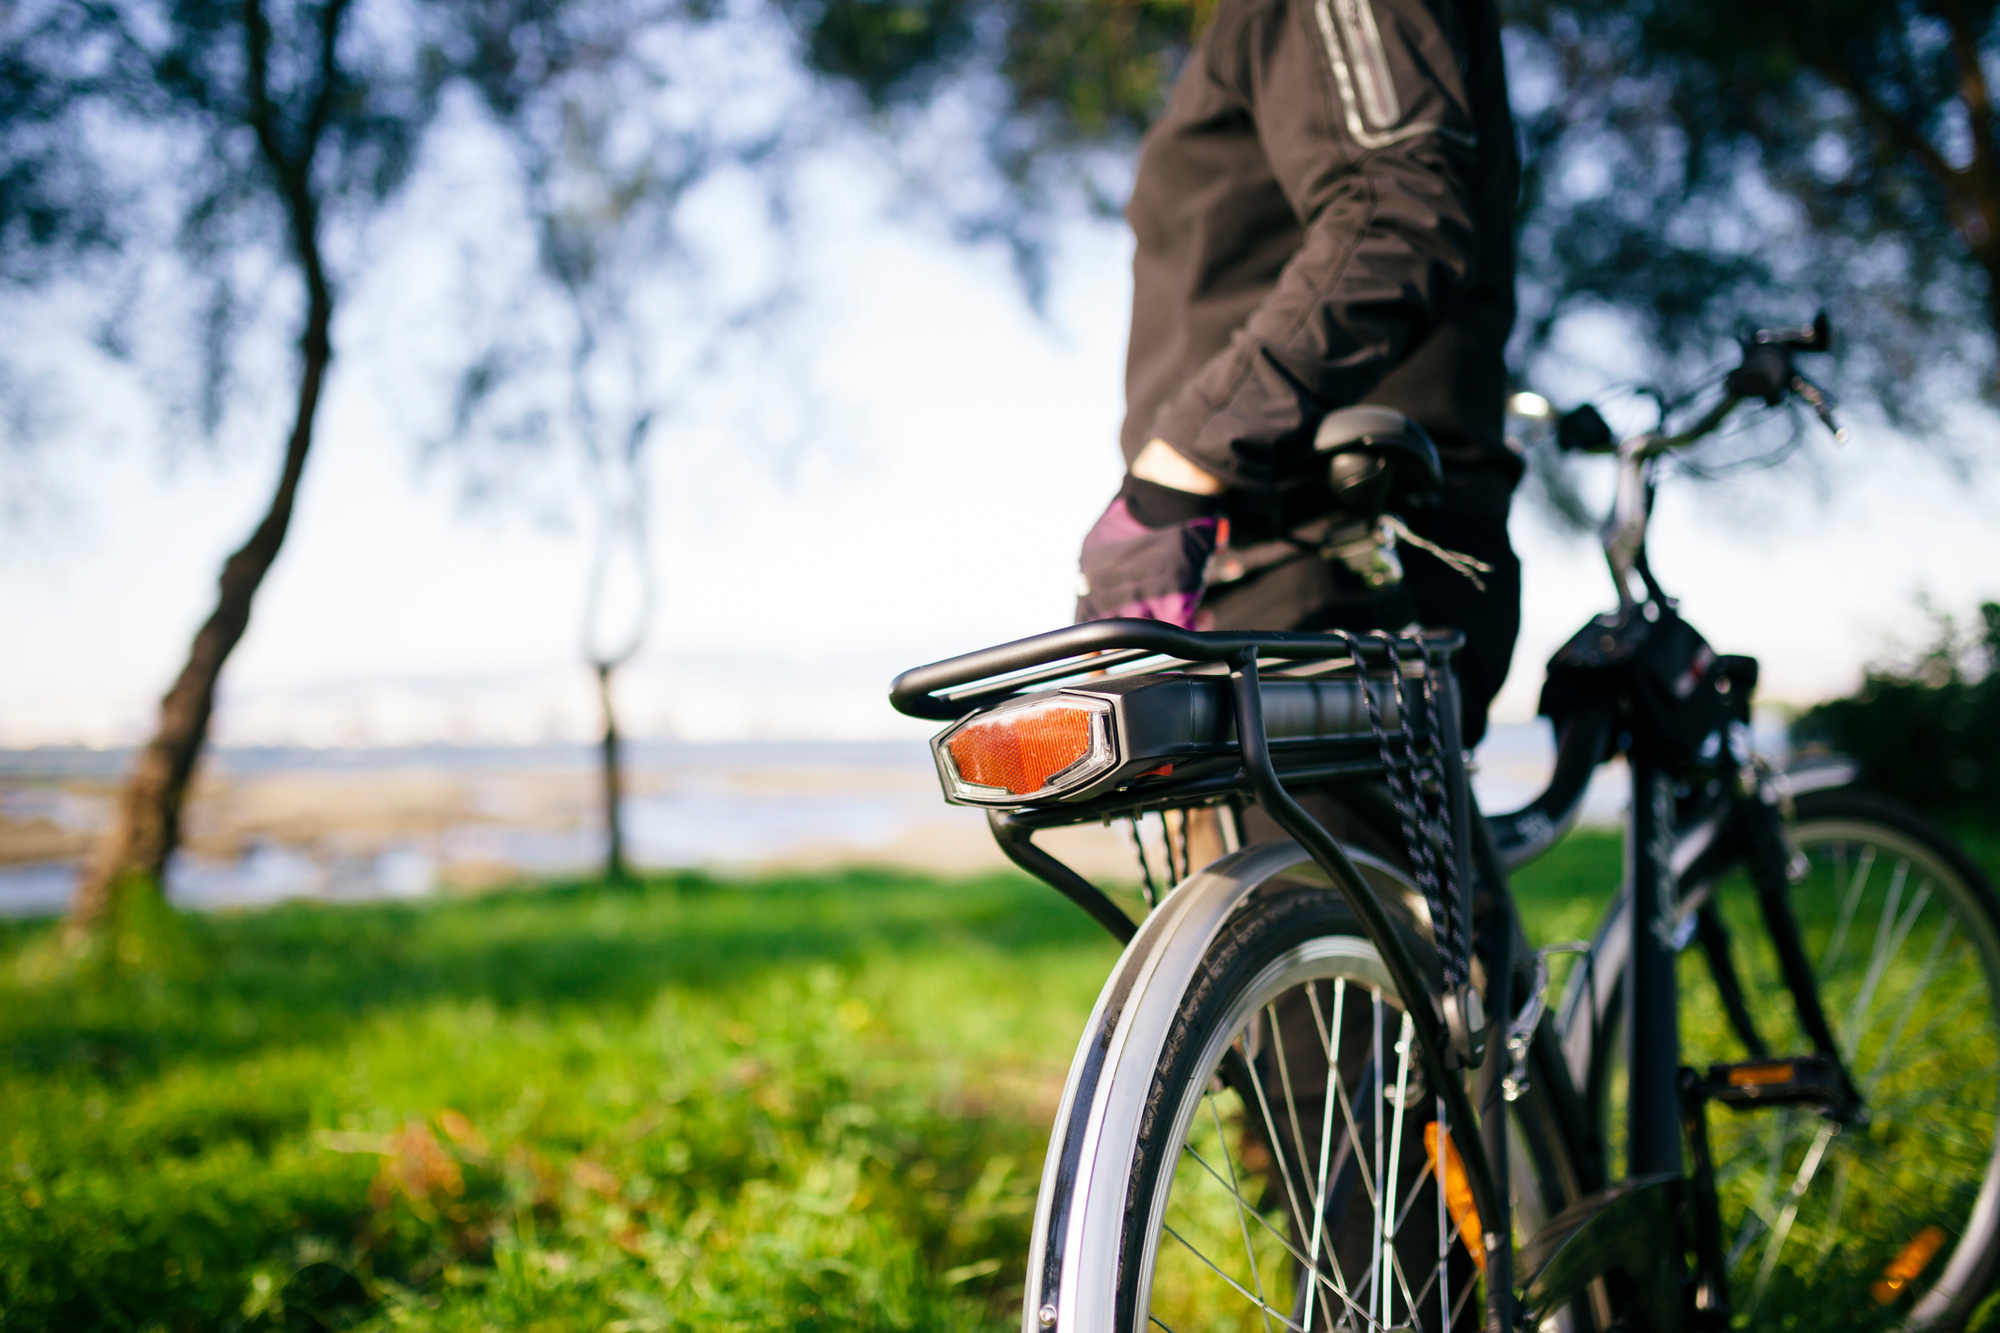 Met de e-bike op vakantie, Getty